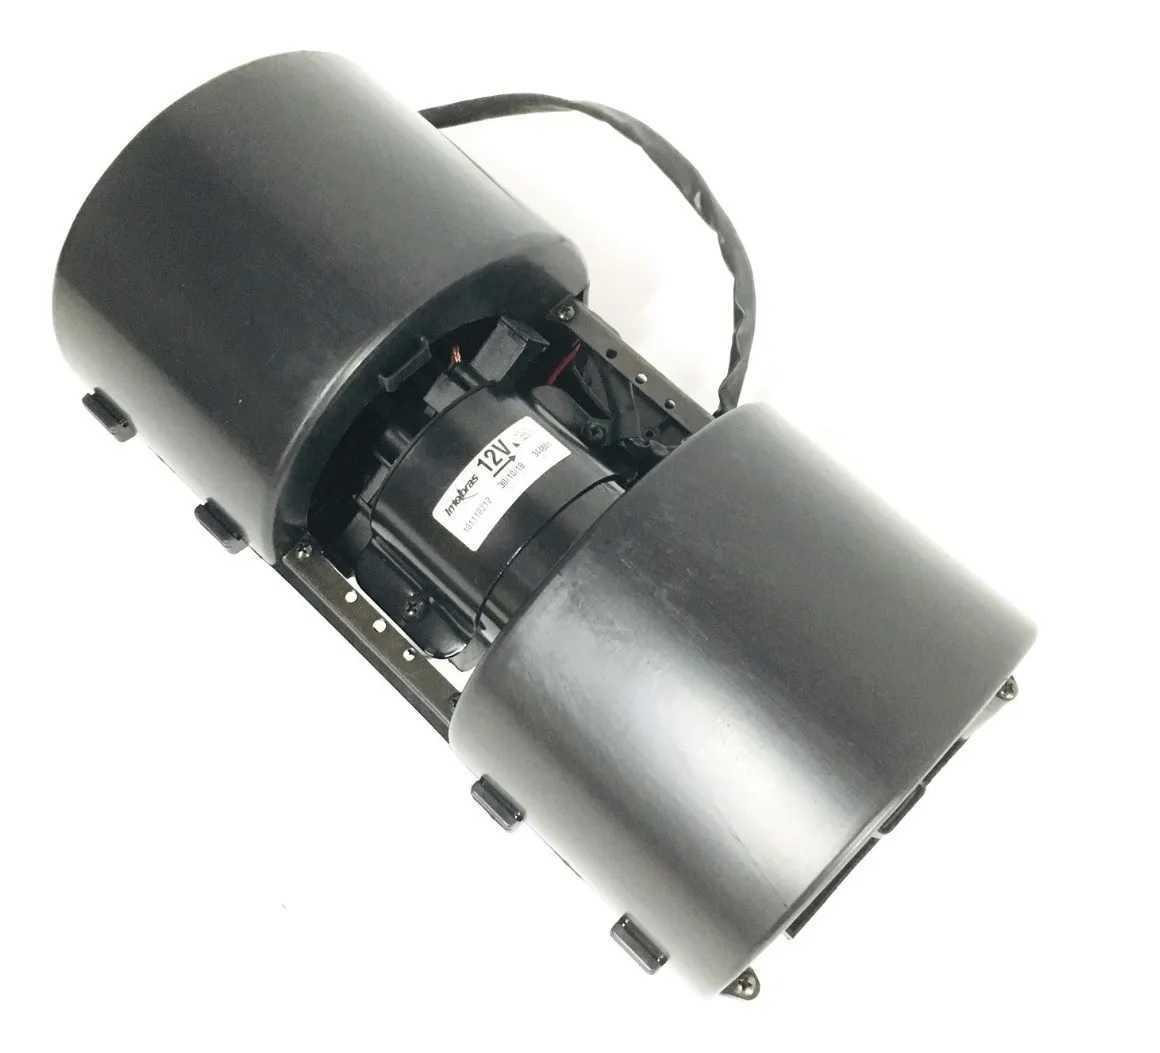 Motor Caixa Evaporadora - Valtra Bh180 12V